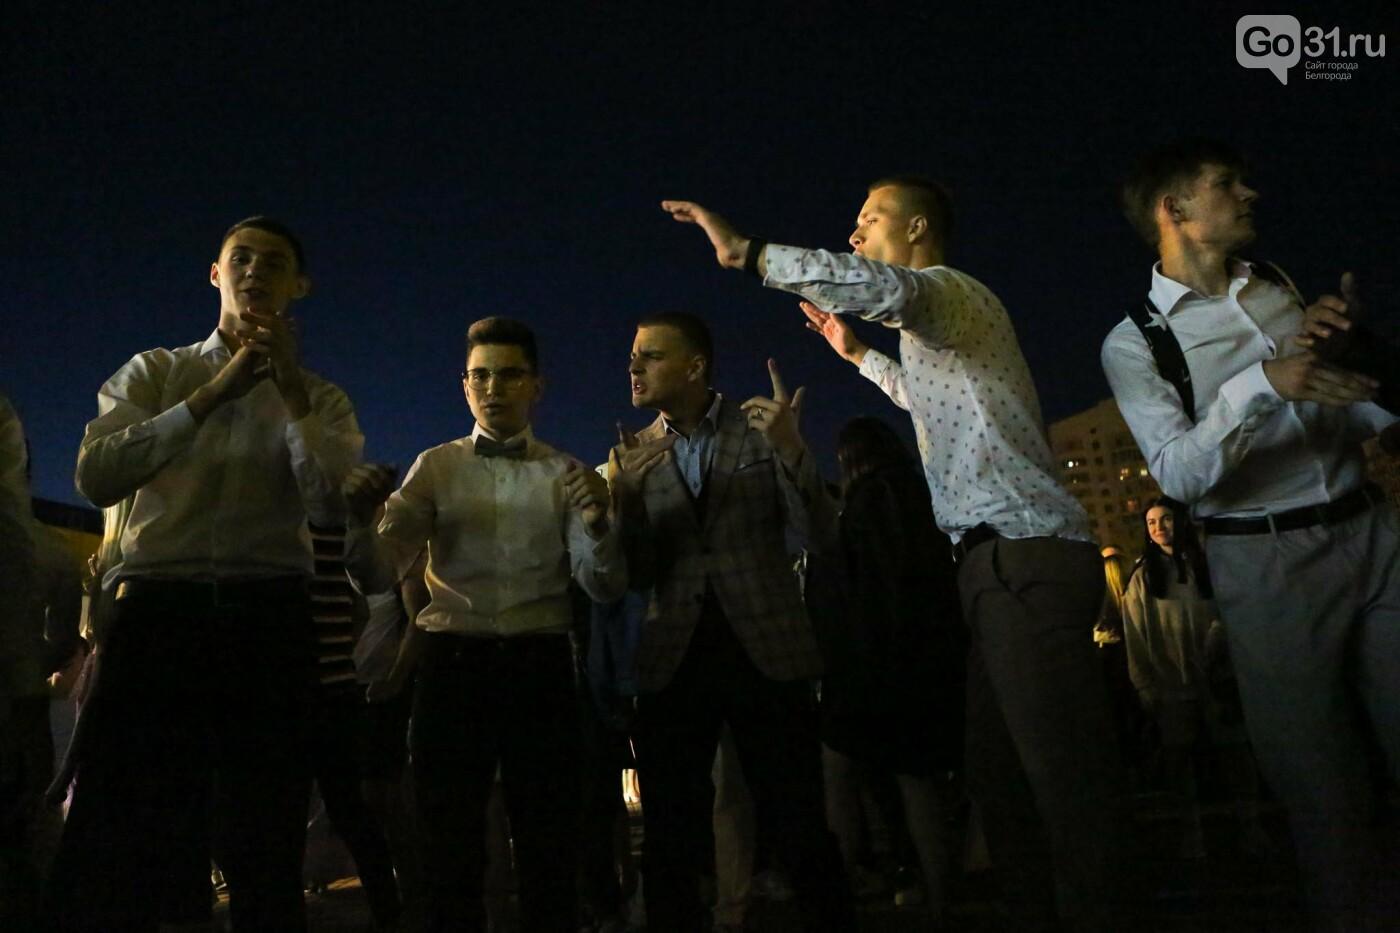 Общегородской школьный выпускной в Белгороде. Фоторепортаж, фото-42, Фото: Антон Вергун